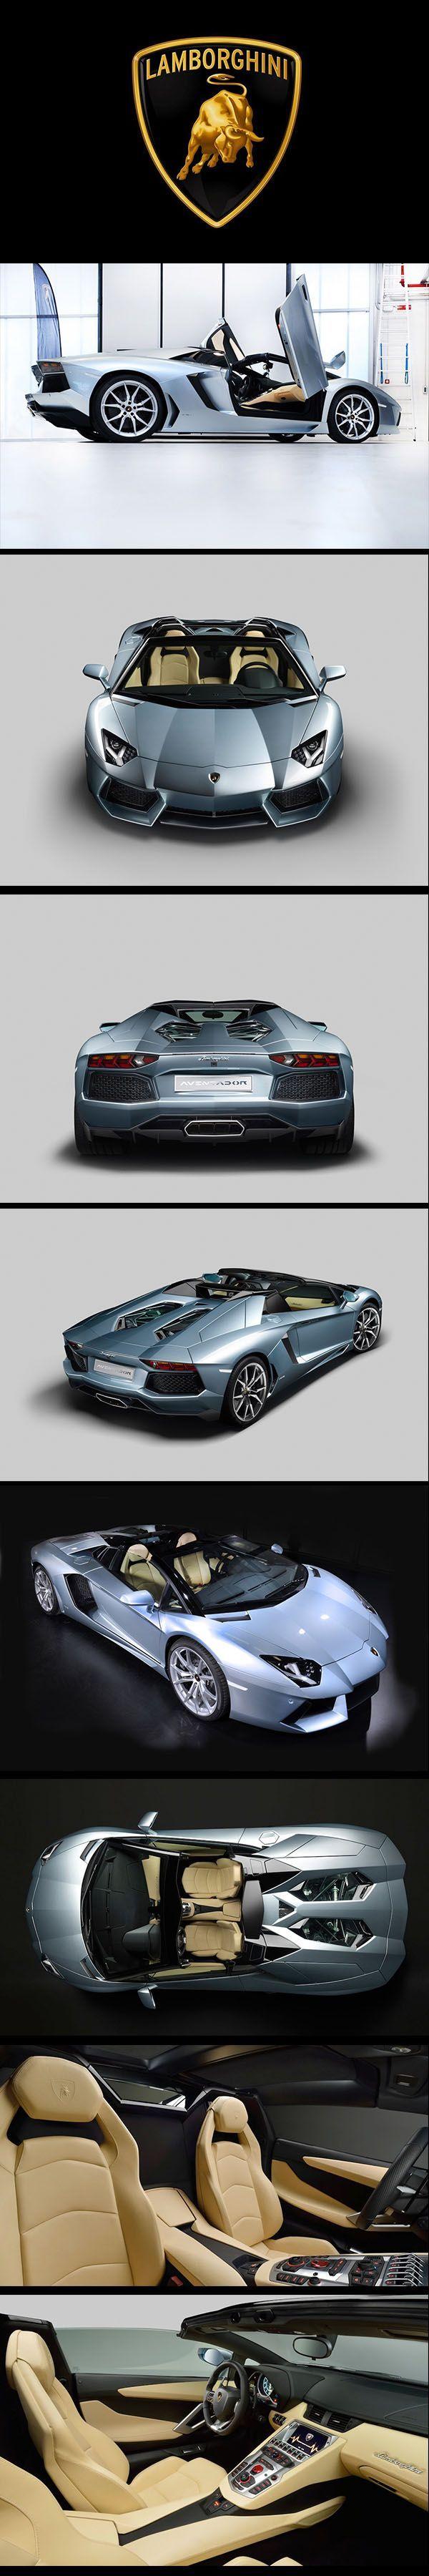 Best Lp Ideas On Pinterest Lamborghini Aventador Lp - 8 expensive supercars 2014